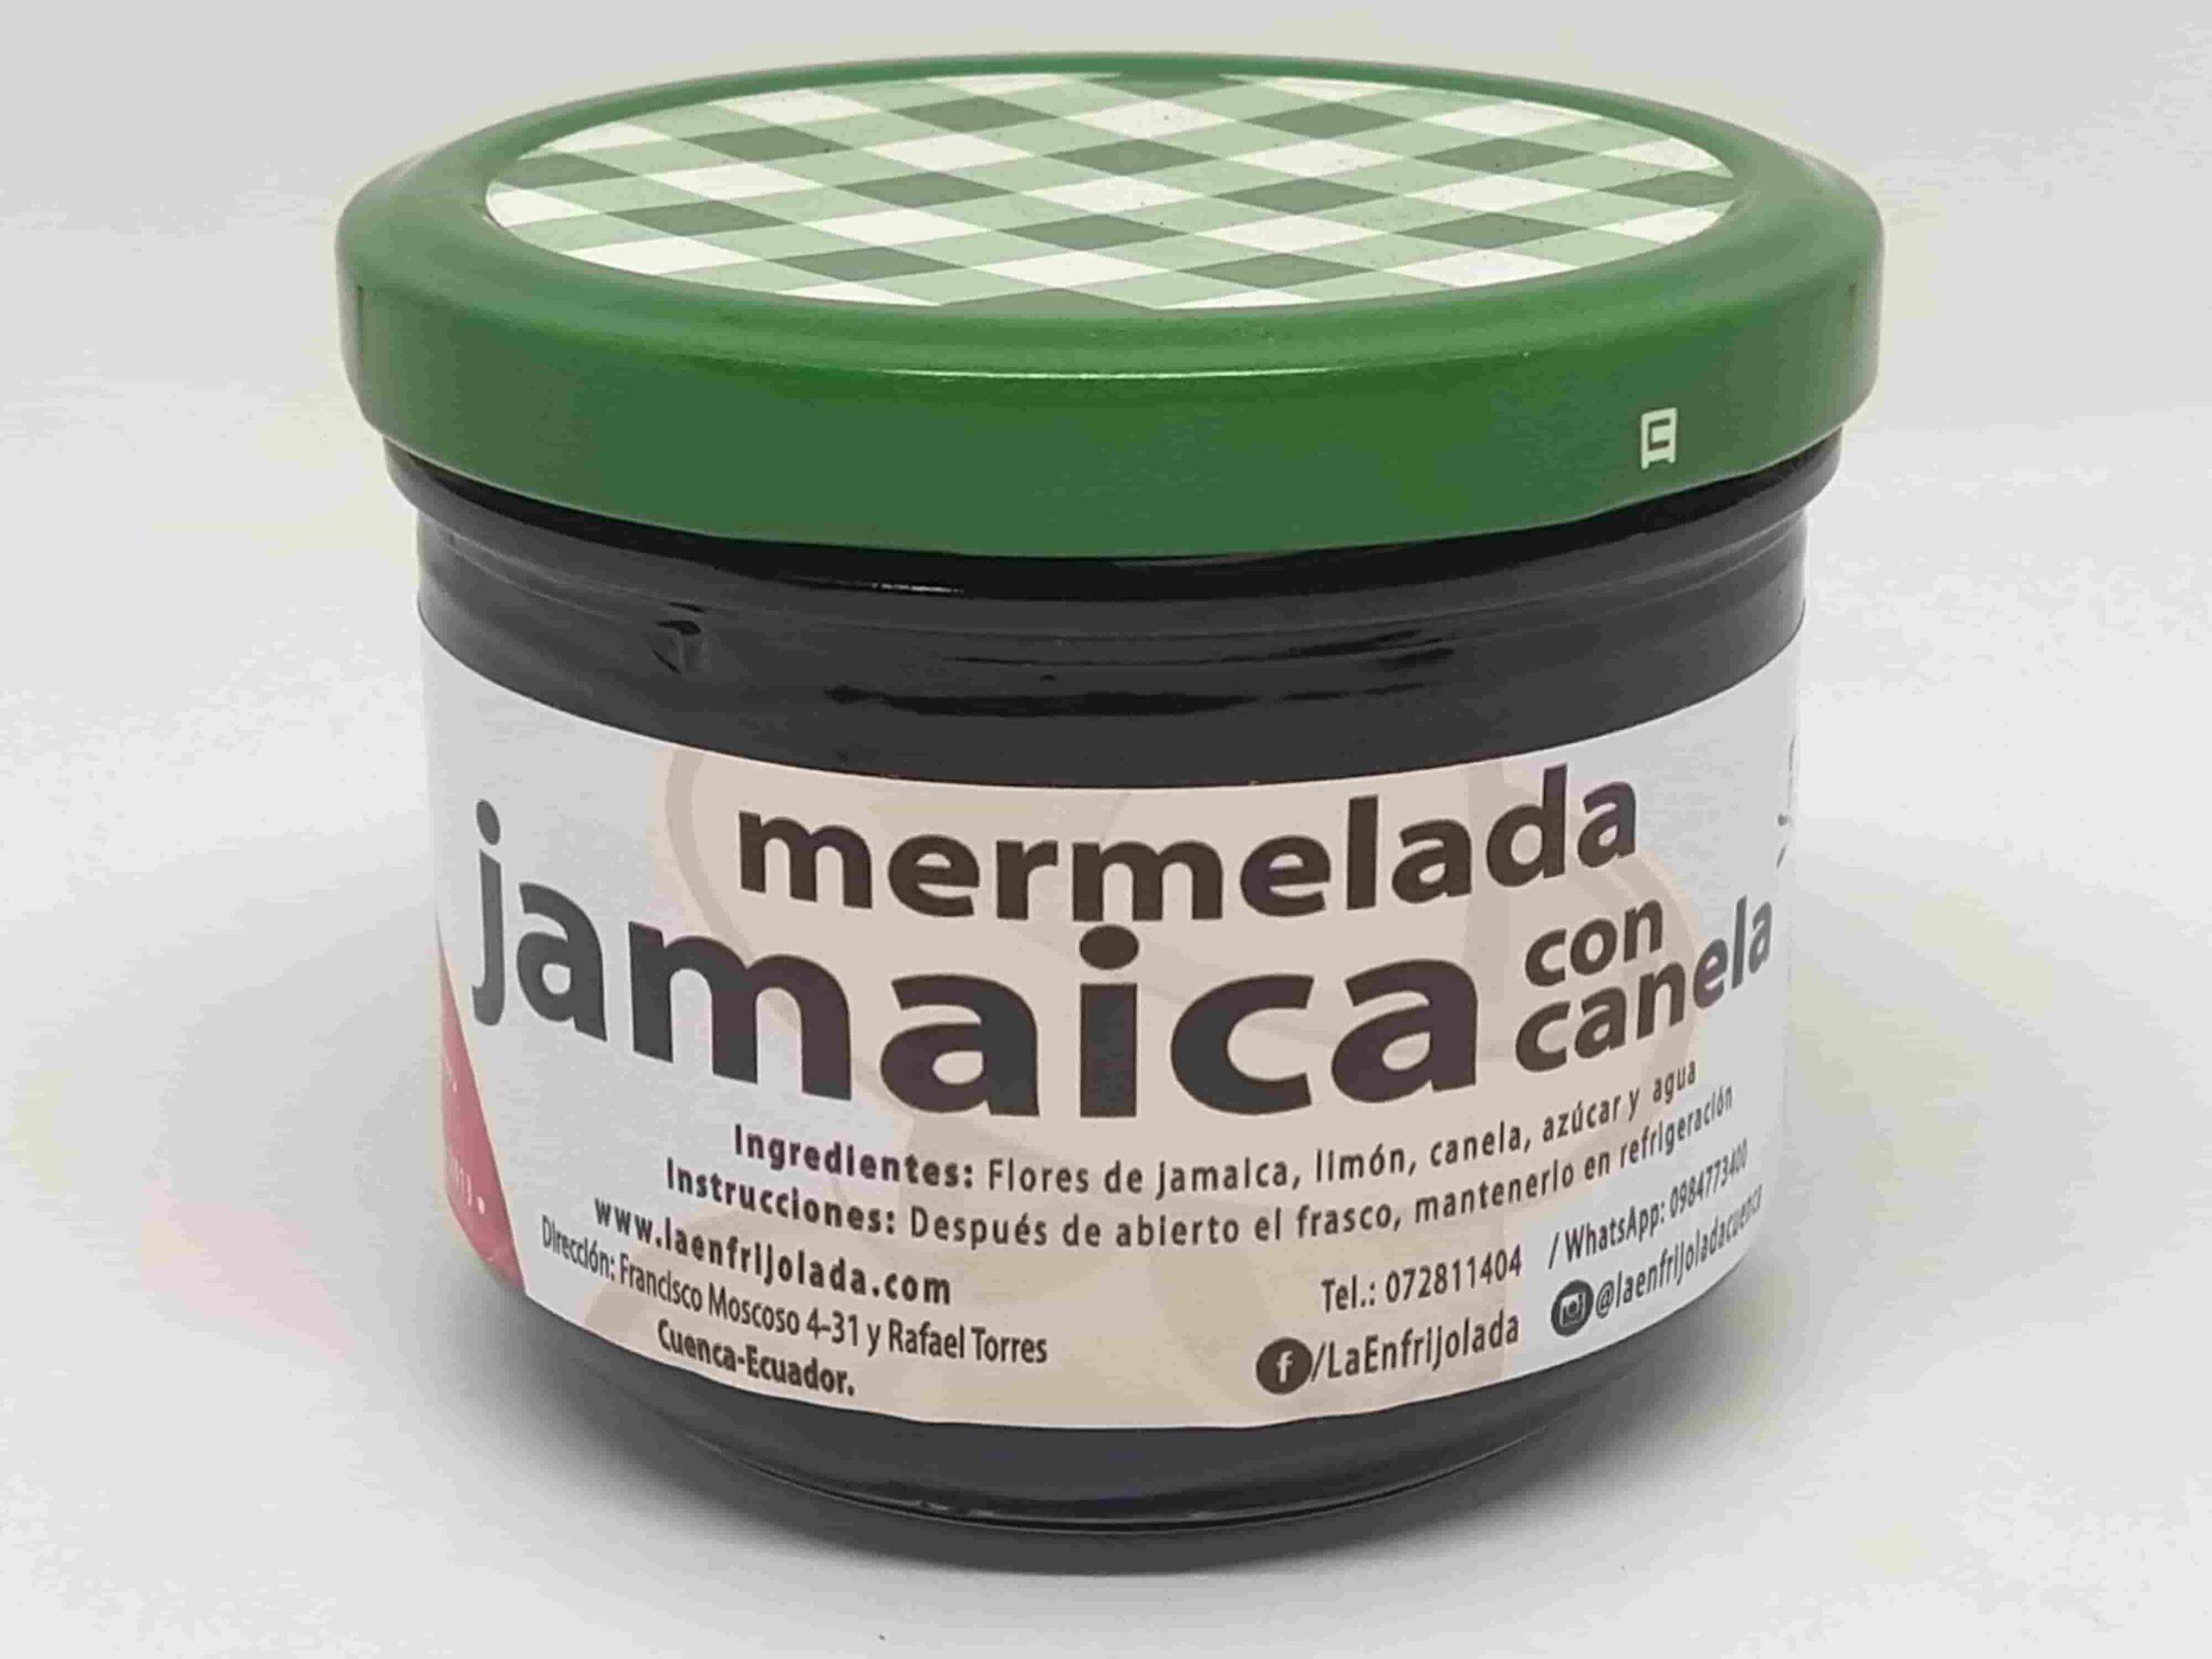 Mermelada de Jamaica con Canela